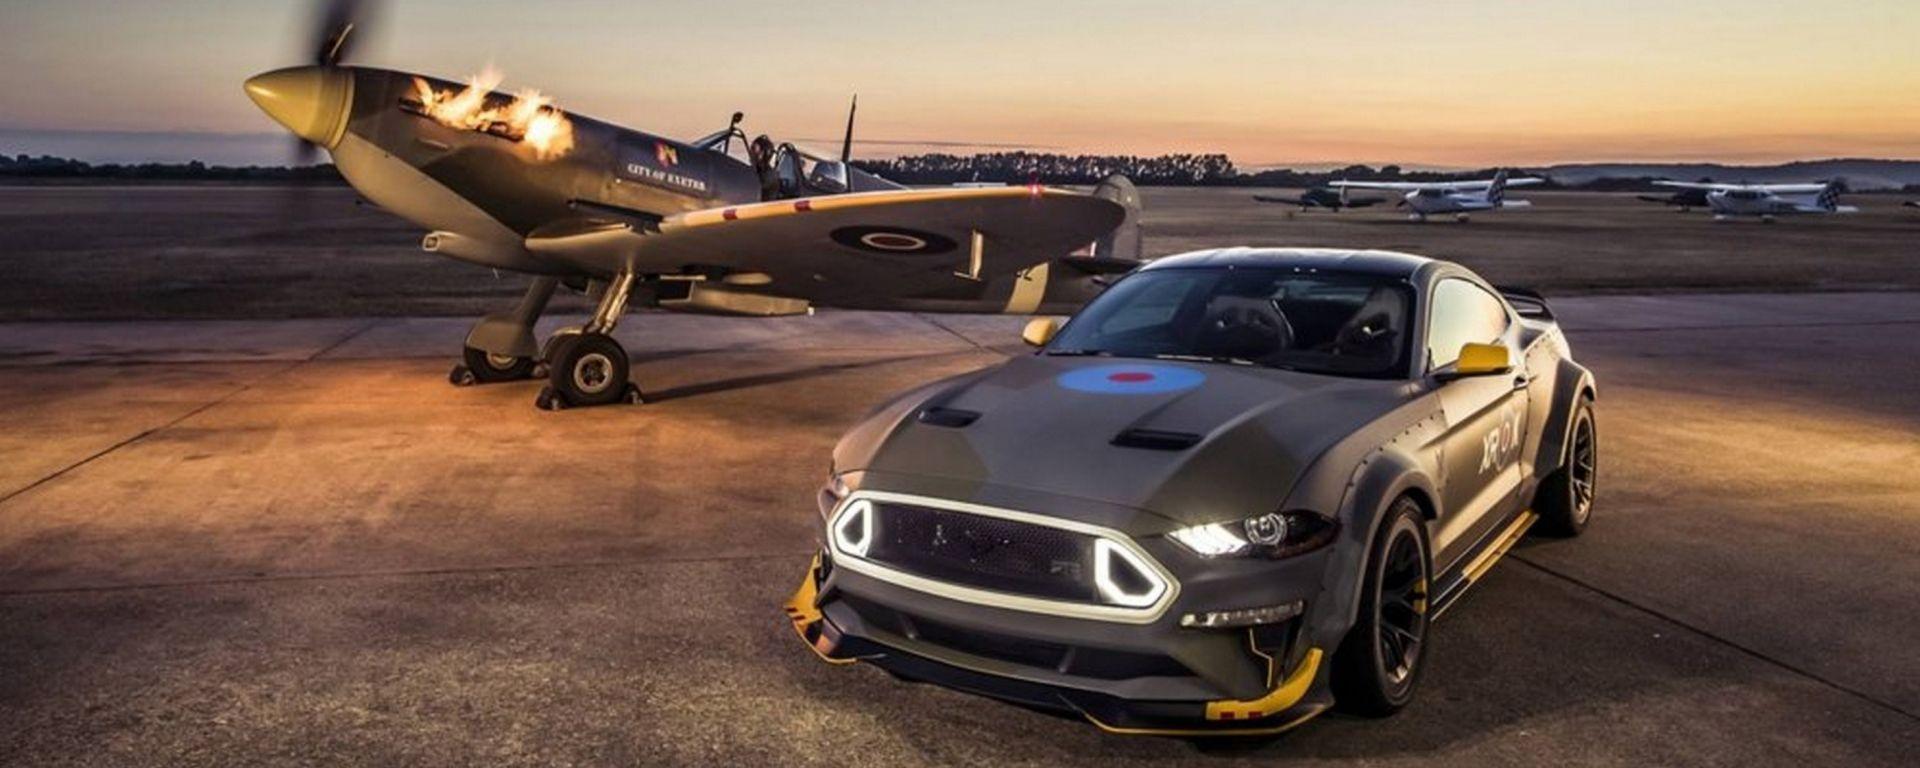 Ford Eagle Squadron Mustang GT: omaggio a Spitfire e RAF